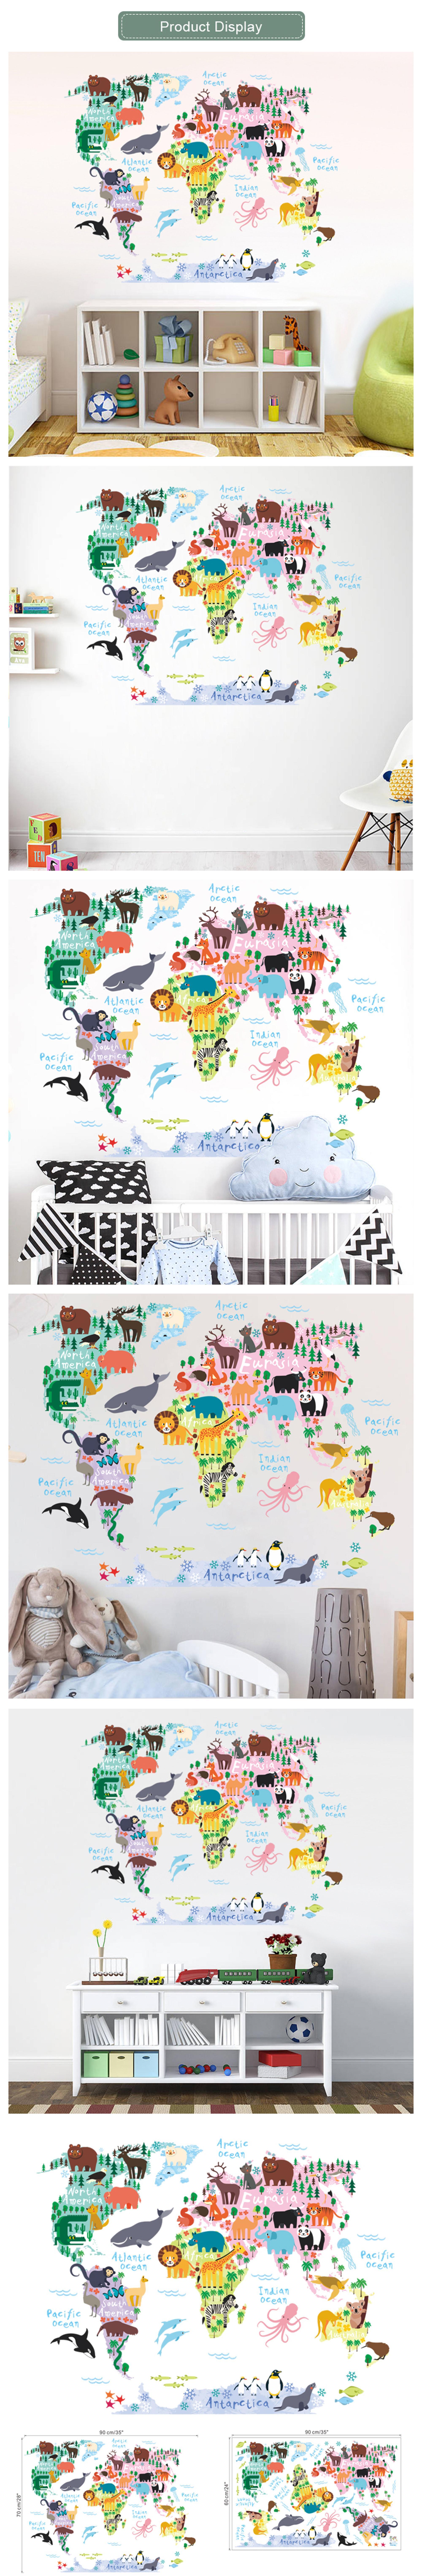 子供教育動物ランドマーク世界地図ウォールステッカー子供の寝室リビングルームホームインテリアリムーバブル